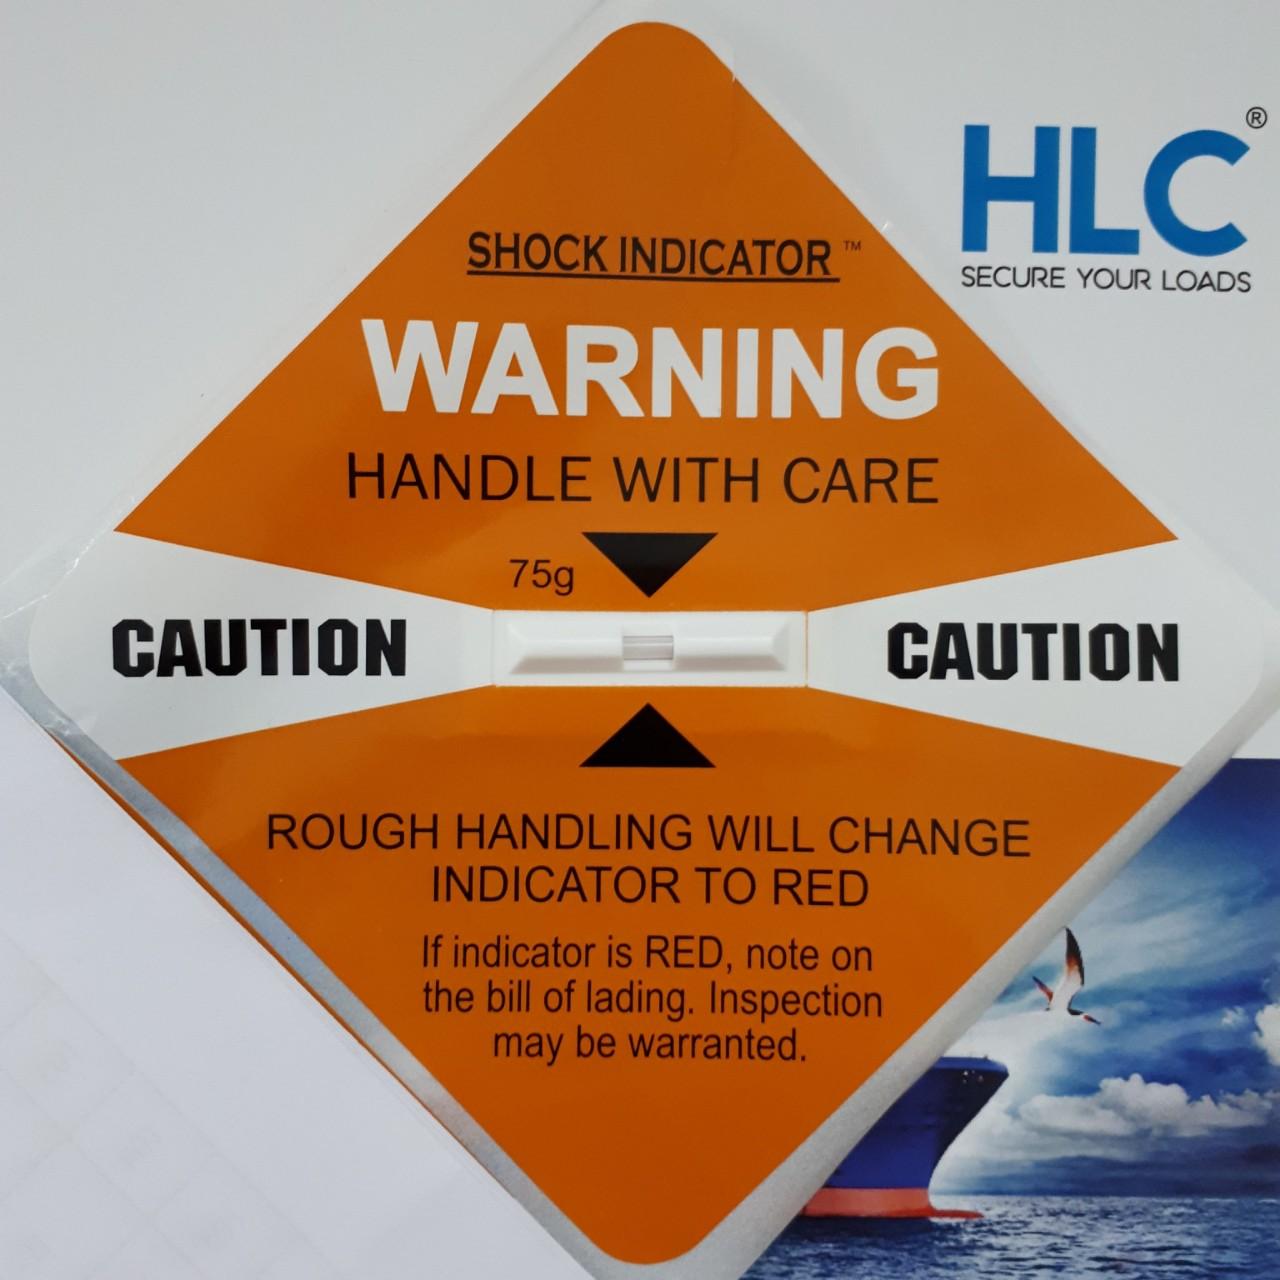 Nhãn cảnh báo hàng hóa bị va đập màu cam, đỏ, tím, vàng, xanh